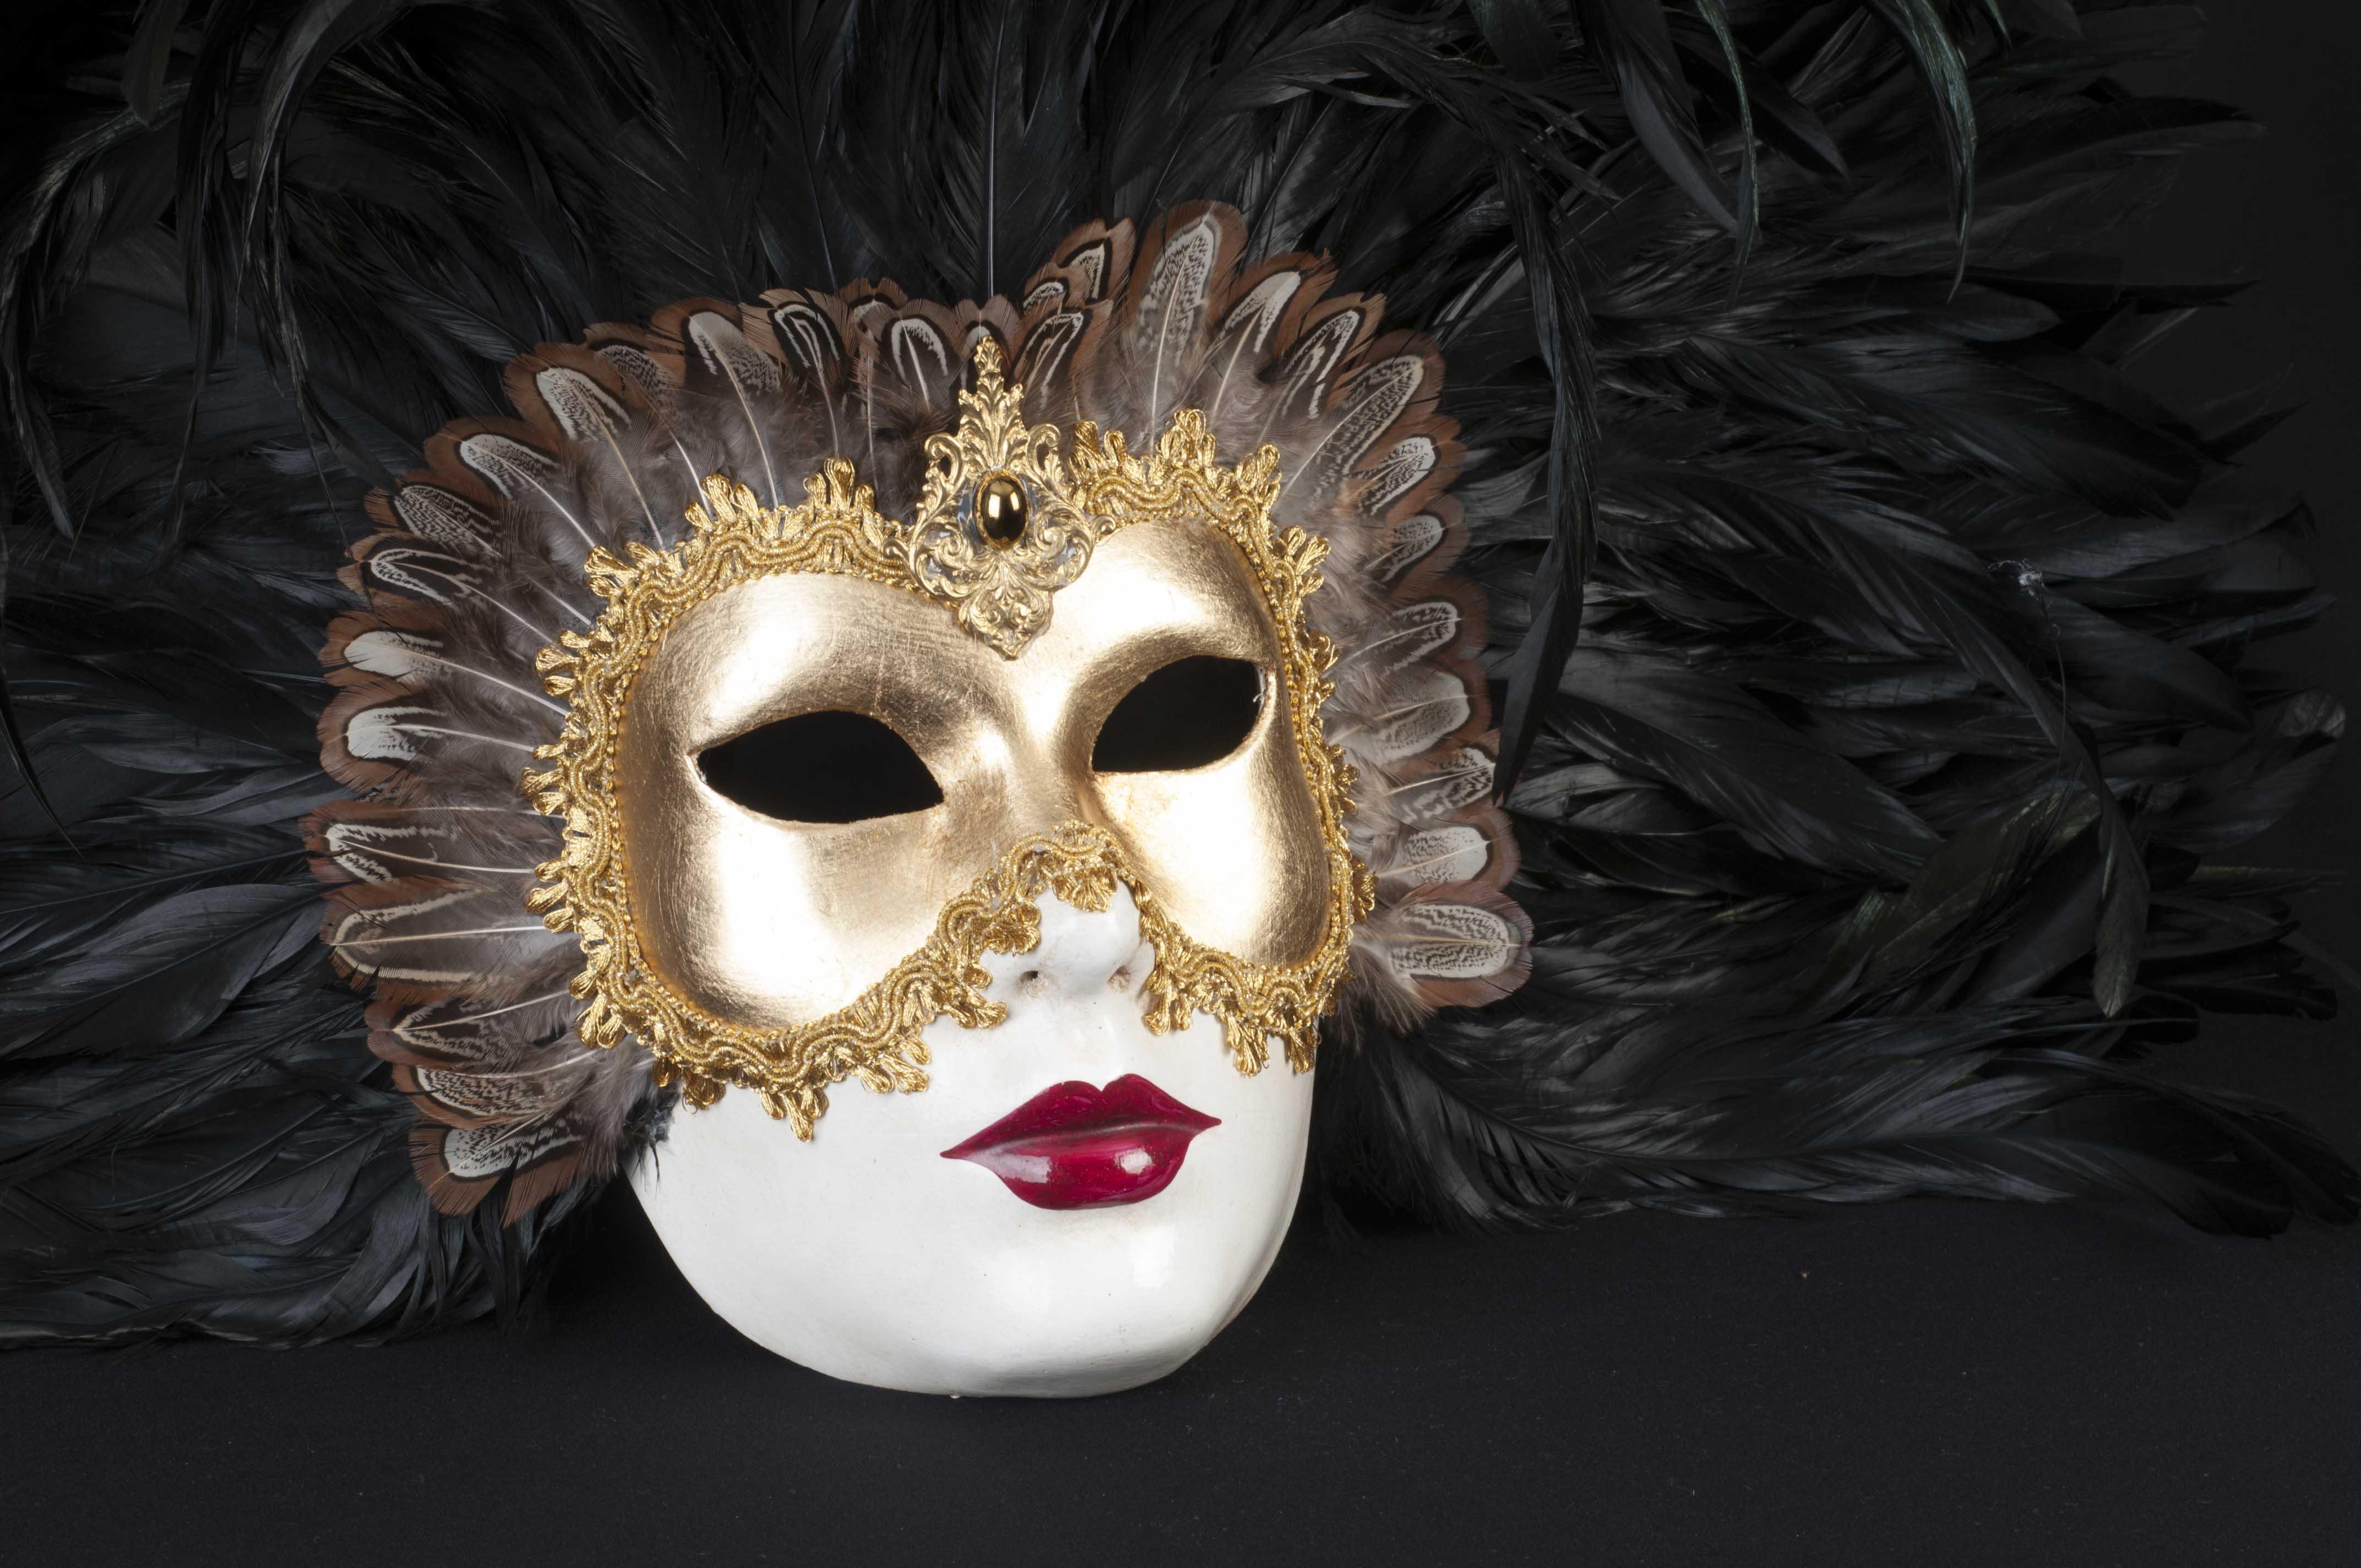 The aurora face the feathered mask of eyes wide shut kartaruga the feathered mask of eyes wide shut buycottarizona